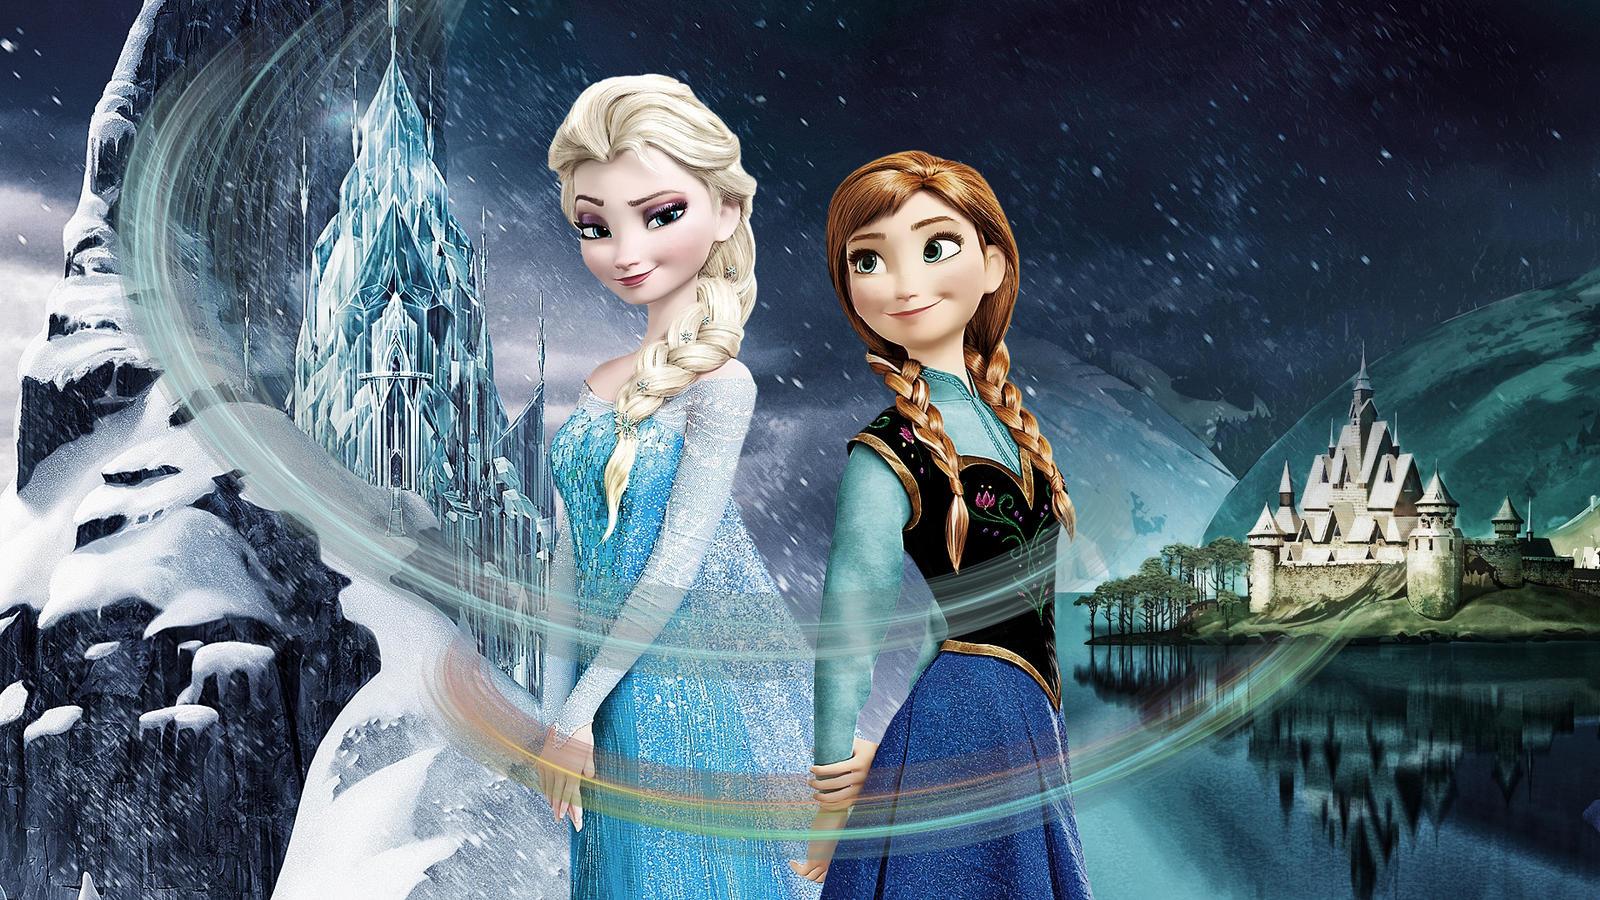 frozen movie wallpaper 1920x1080 - photo #30